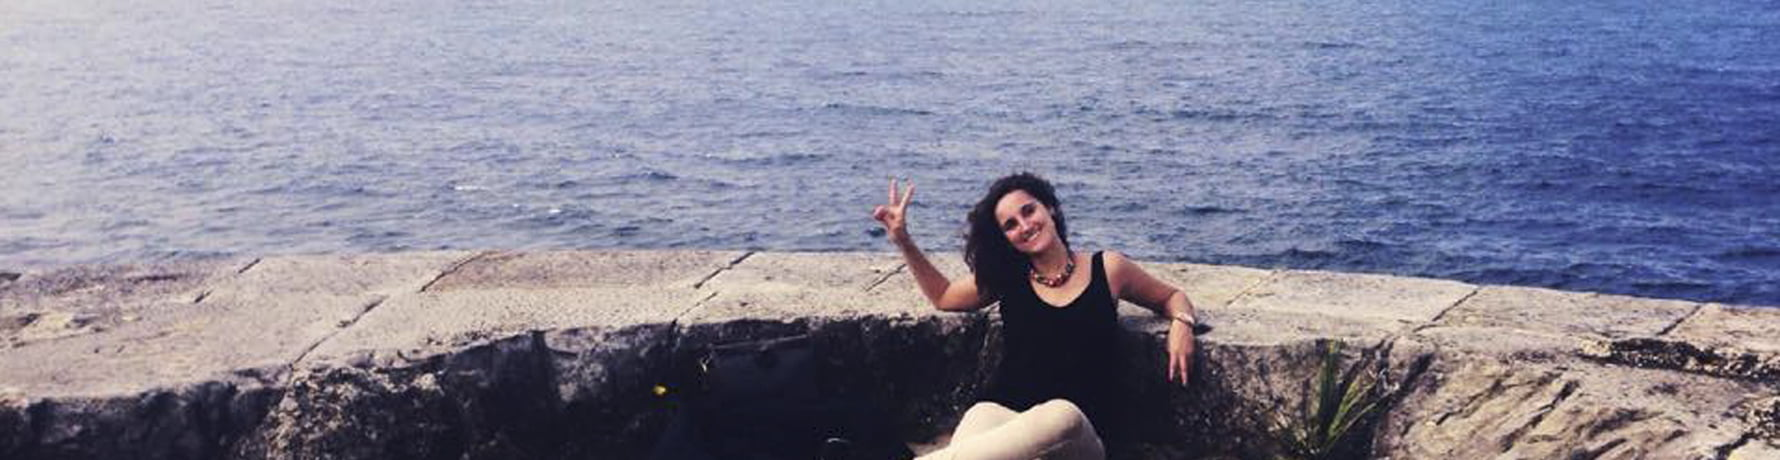 almudena ganadora concurso happy selfie